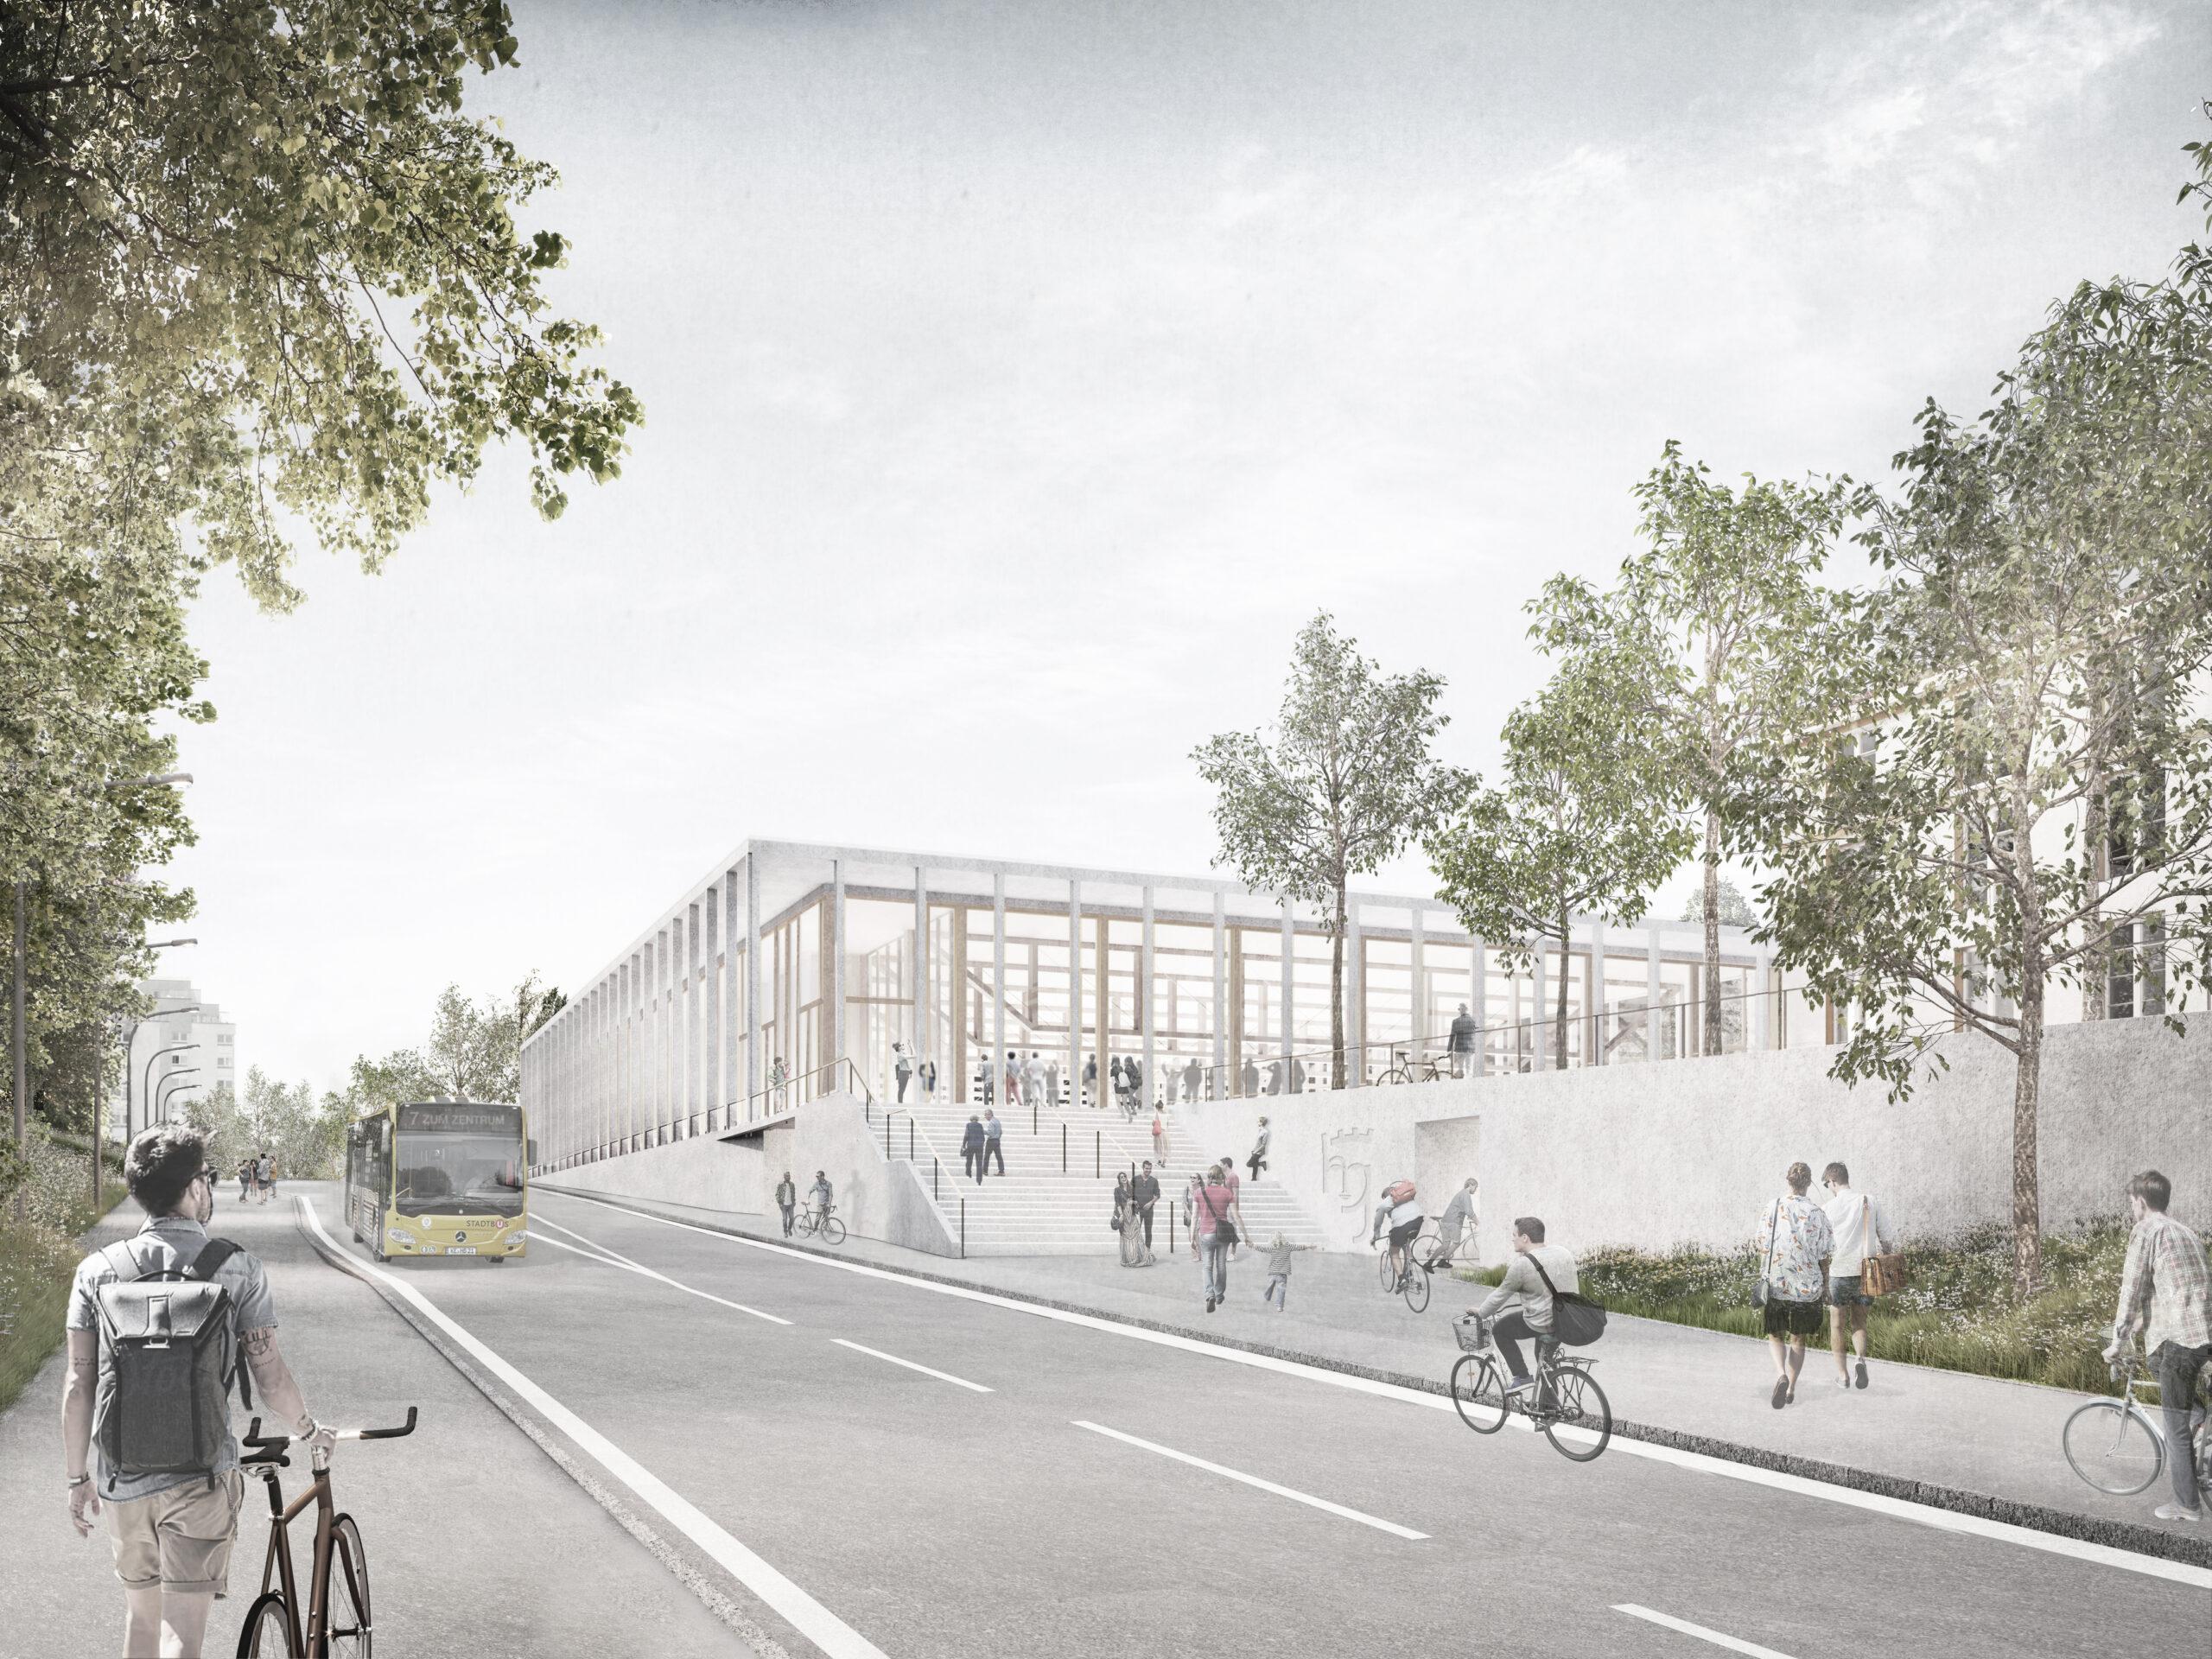 Michael-Becker-Architects-Architekten-3-fach-Turnhalle-Kempten-01f